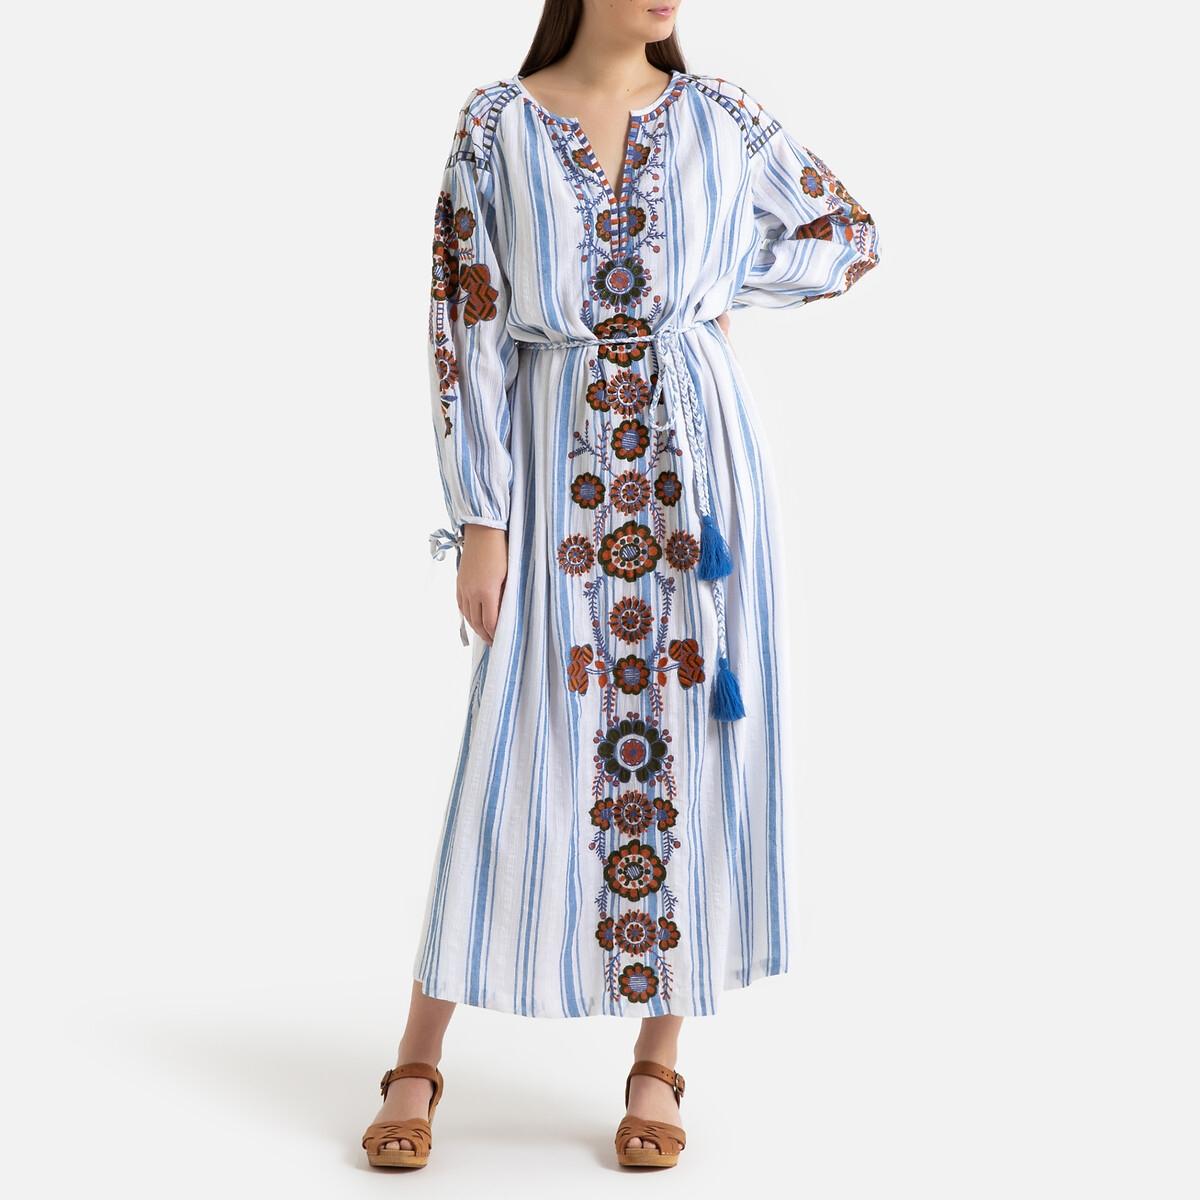 цена Платье La Redoute Длинное с принтом с вышивкой CAMILLA 38 (FR) - 44 (RUS) синий онлайн в 2017 году